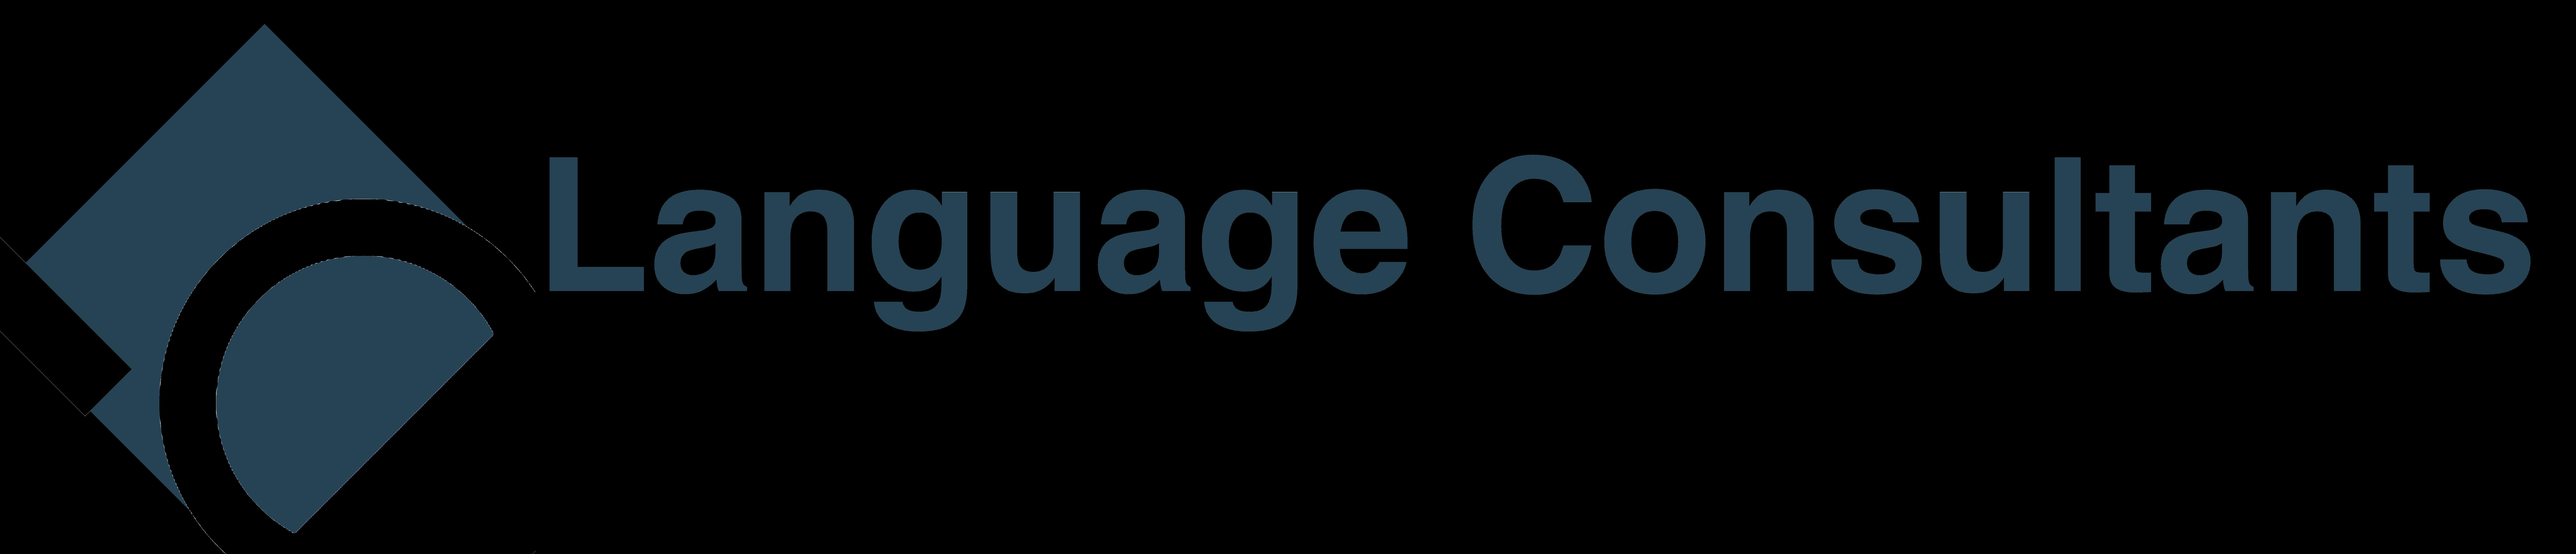 Language Consultants